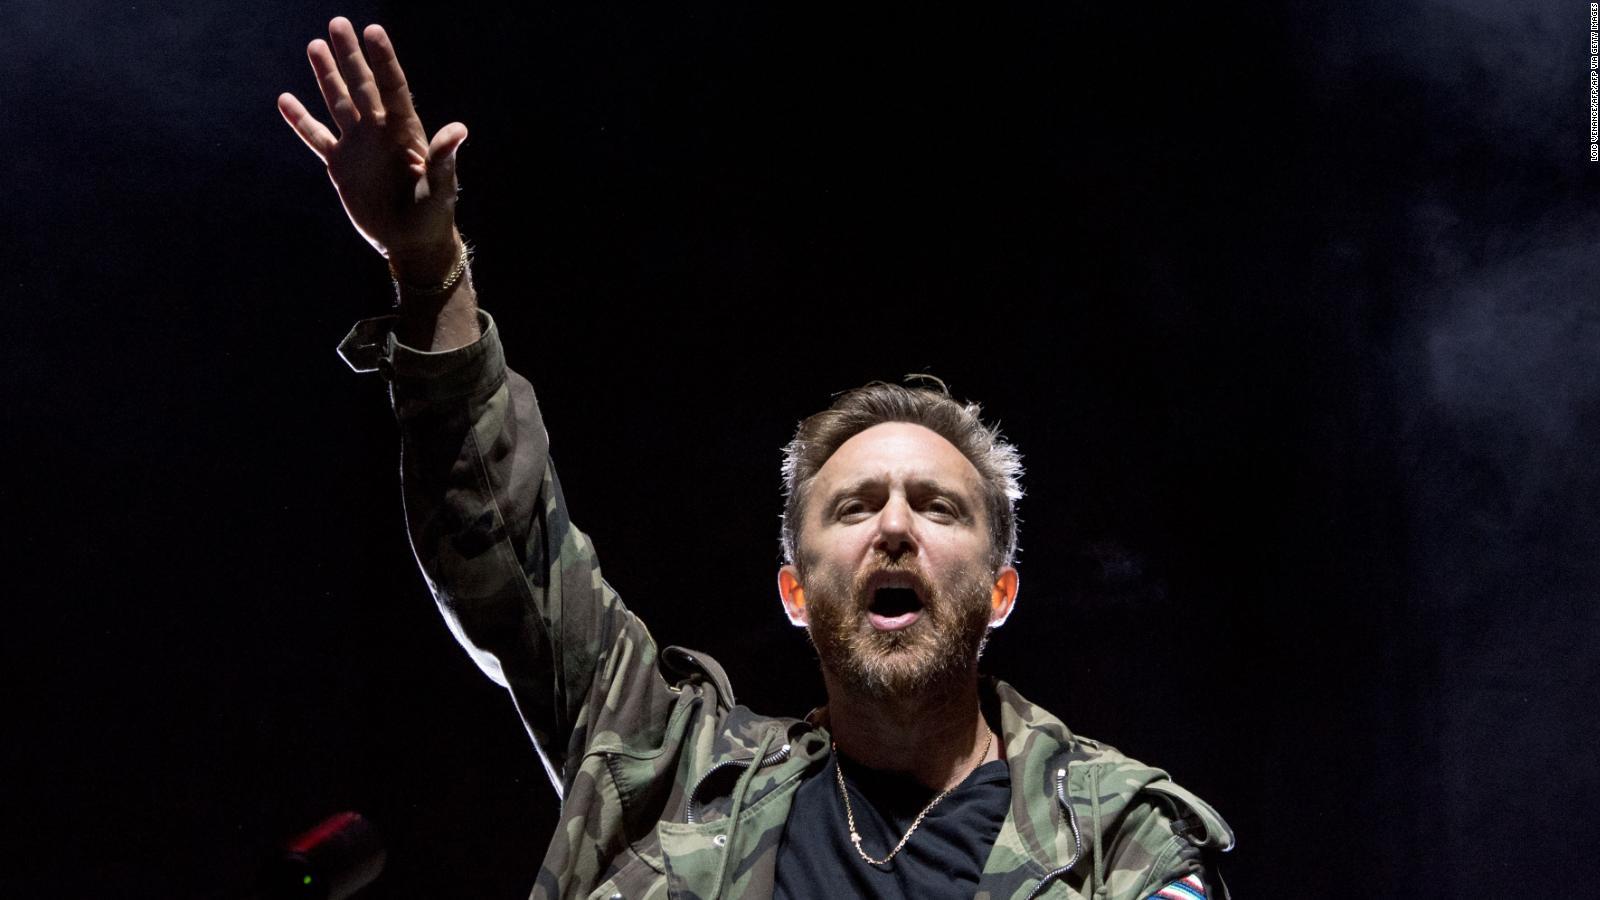 David Guetta hará un concierto benéfico desde una terraza en Nueva York |  Video | CNN